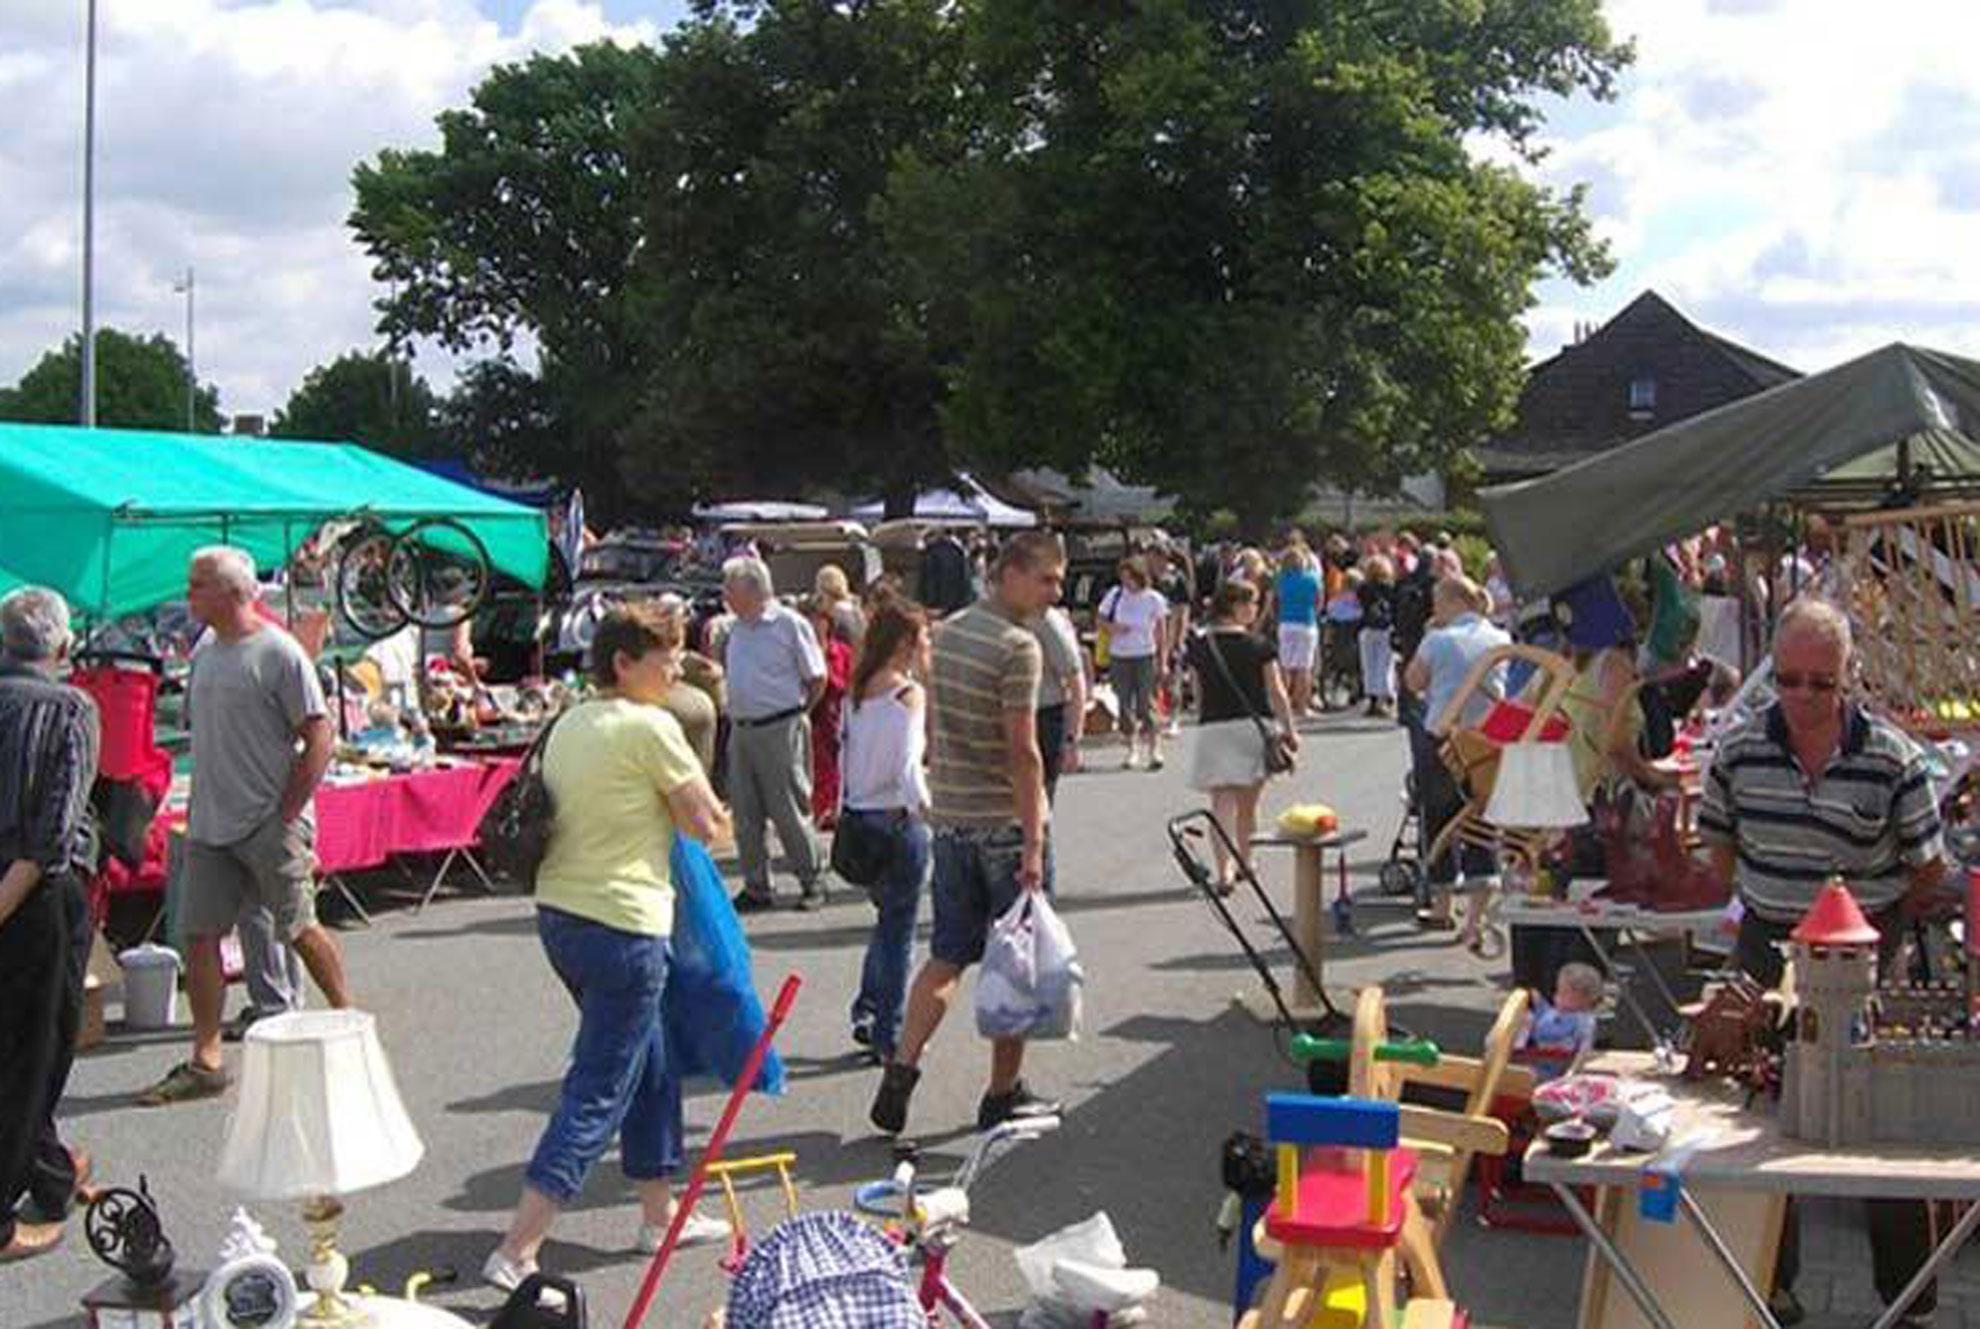 Flohmarkt bei Famila in Geesthacht